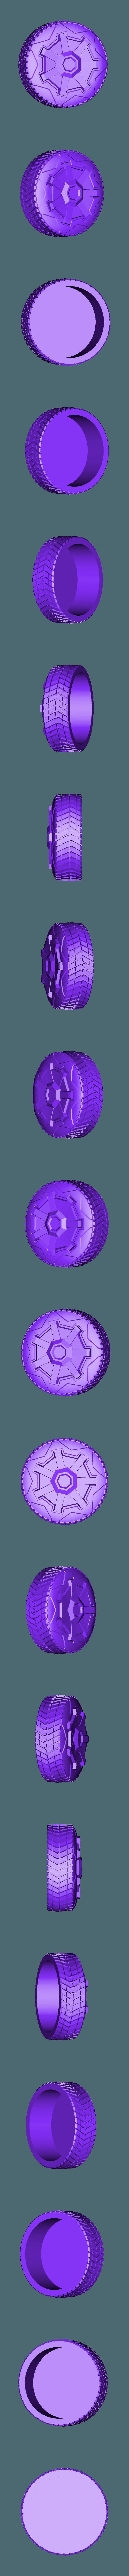 Cybertruck_Mini_Left_Tires_Single_Print.stl Télécharger fichier STL gratuit Cybertruck (kit carrosserie + châssis imprimable) • Plan pour impression 3D, Superbeasti